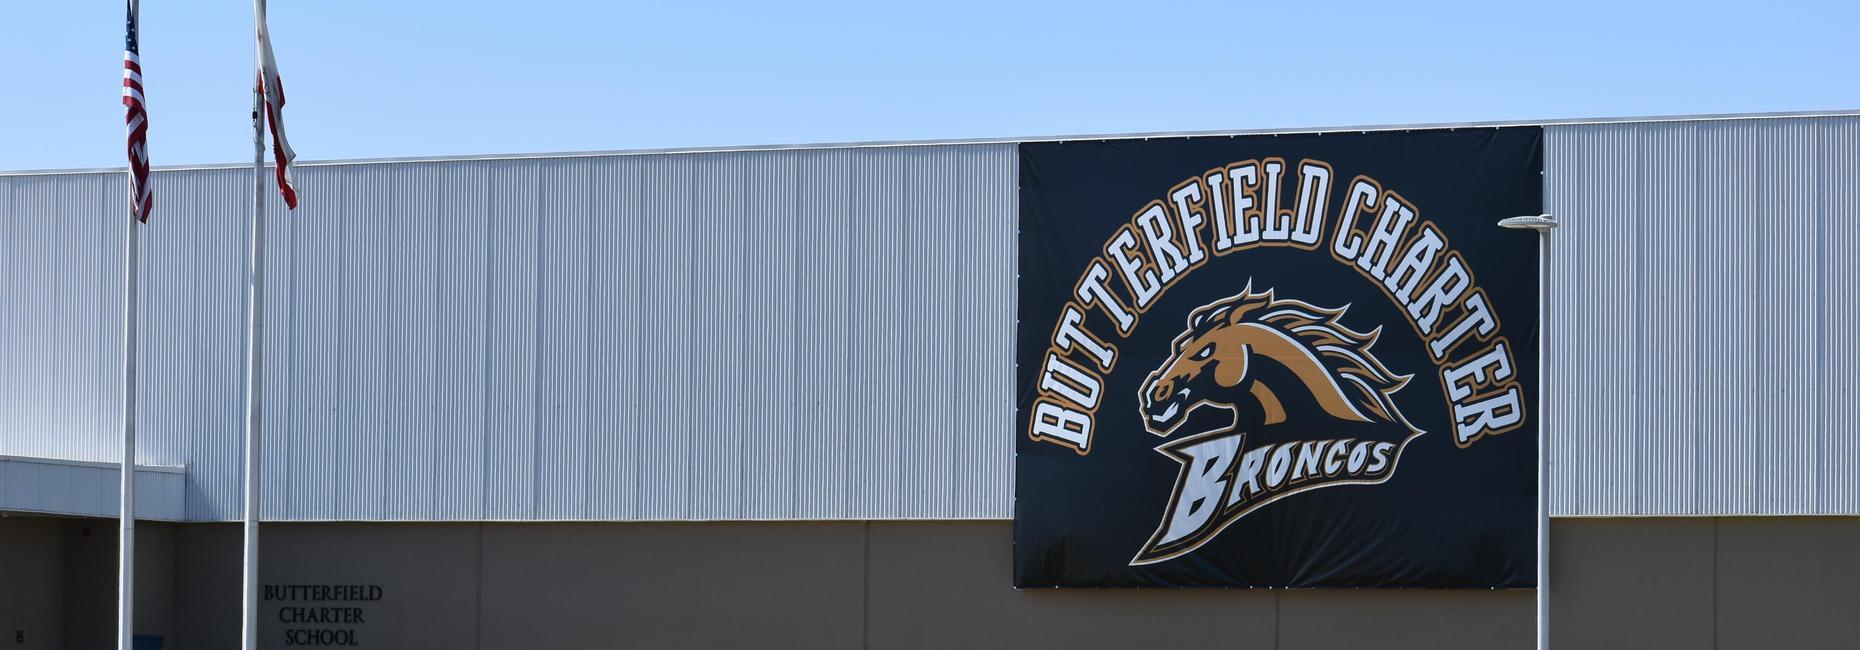 Butterfield Charter